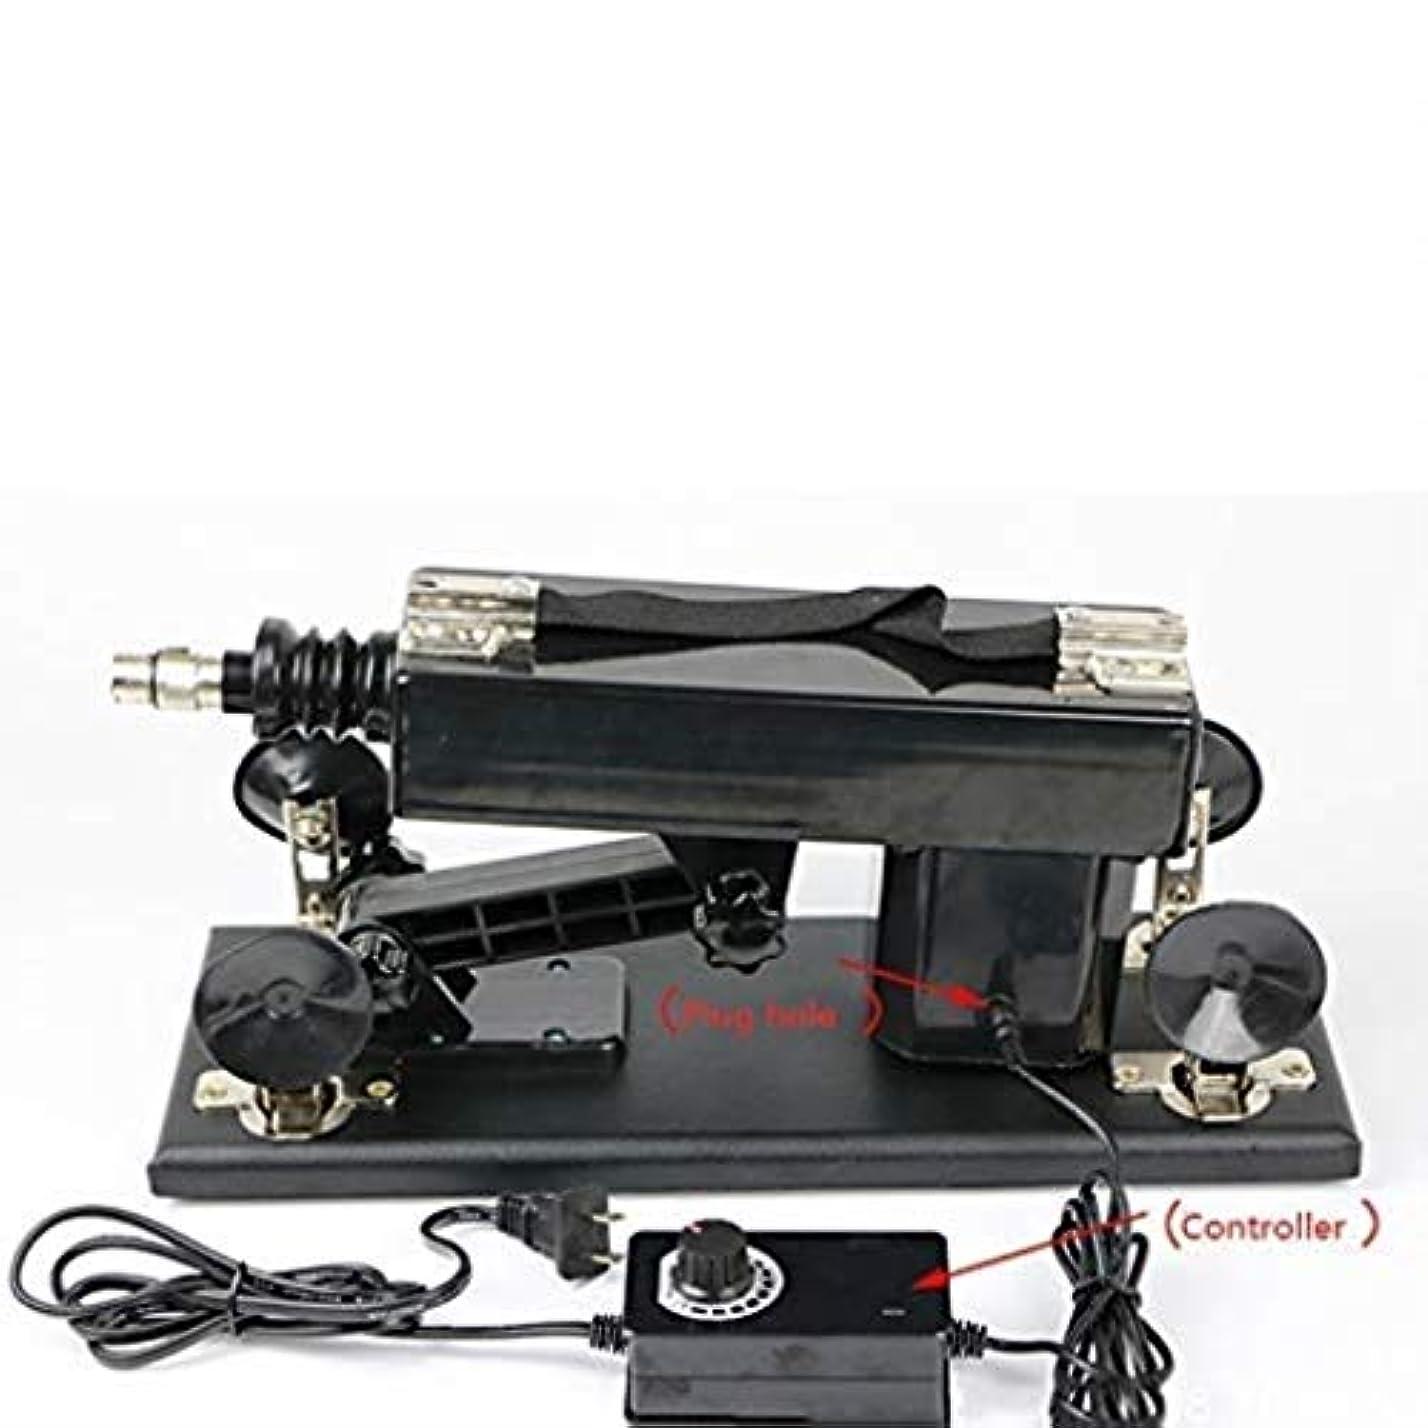 テクスチャー娯楽相続人Risareyi 電気自動大人機械マッサージツール速度と角度すべて制御マルチ角度調整可能な大人のおもちゃ6おもちゃ最高の贈り物